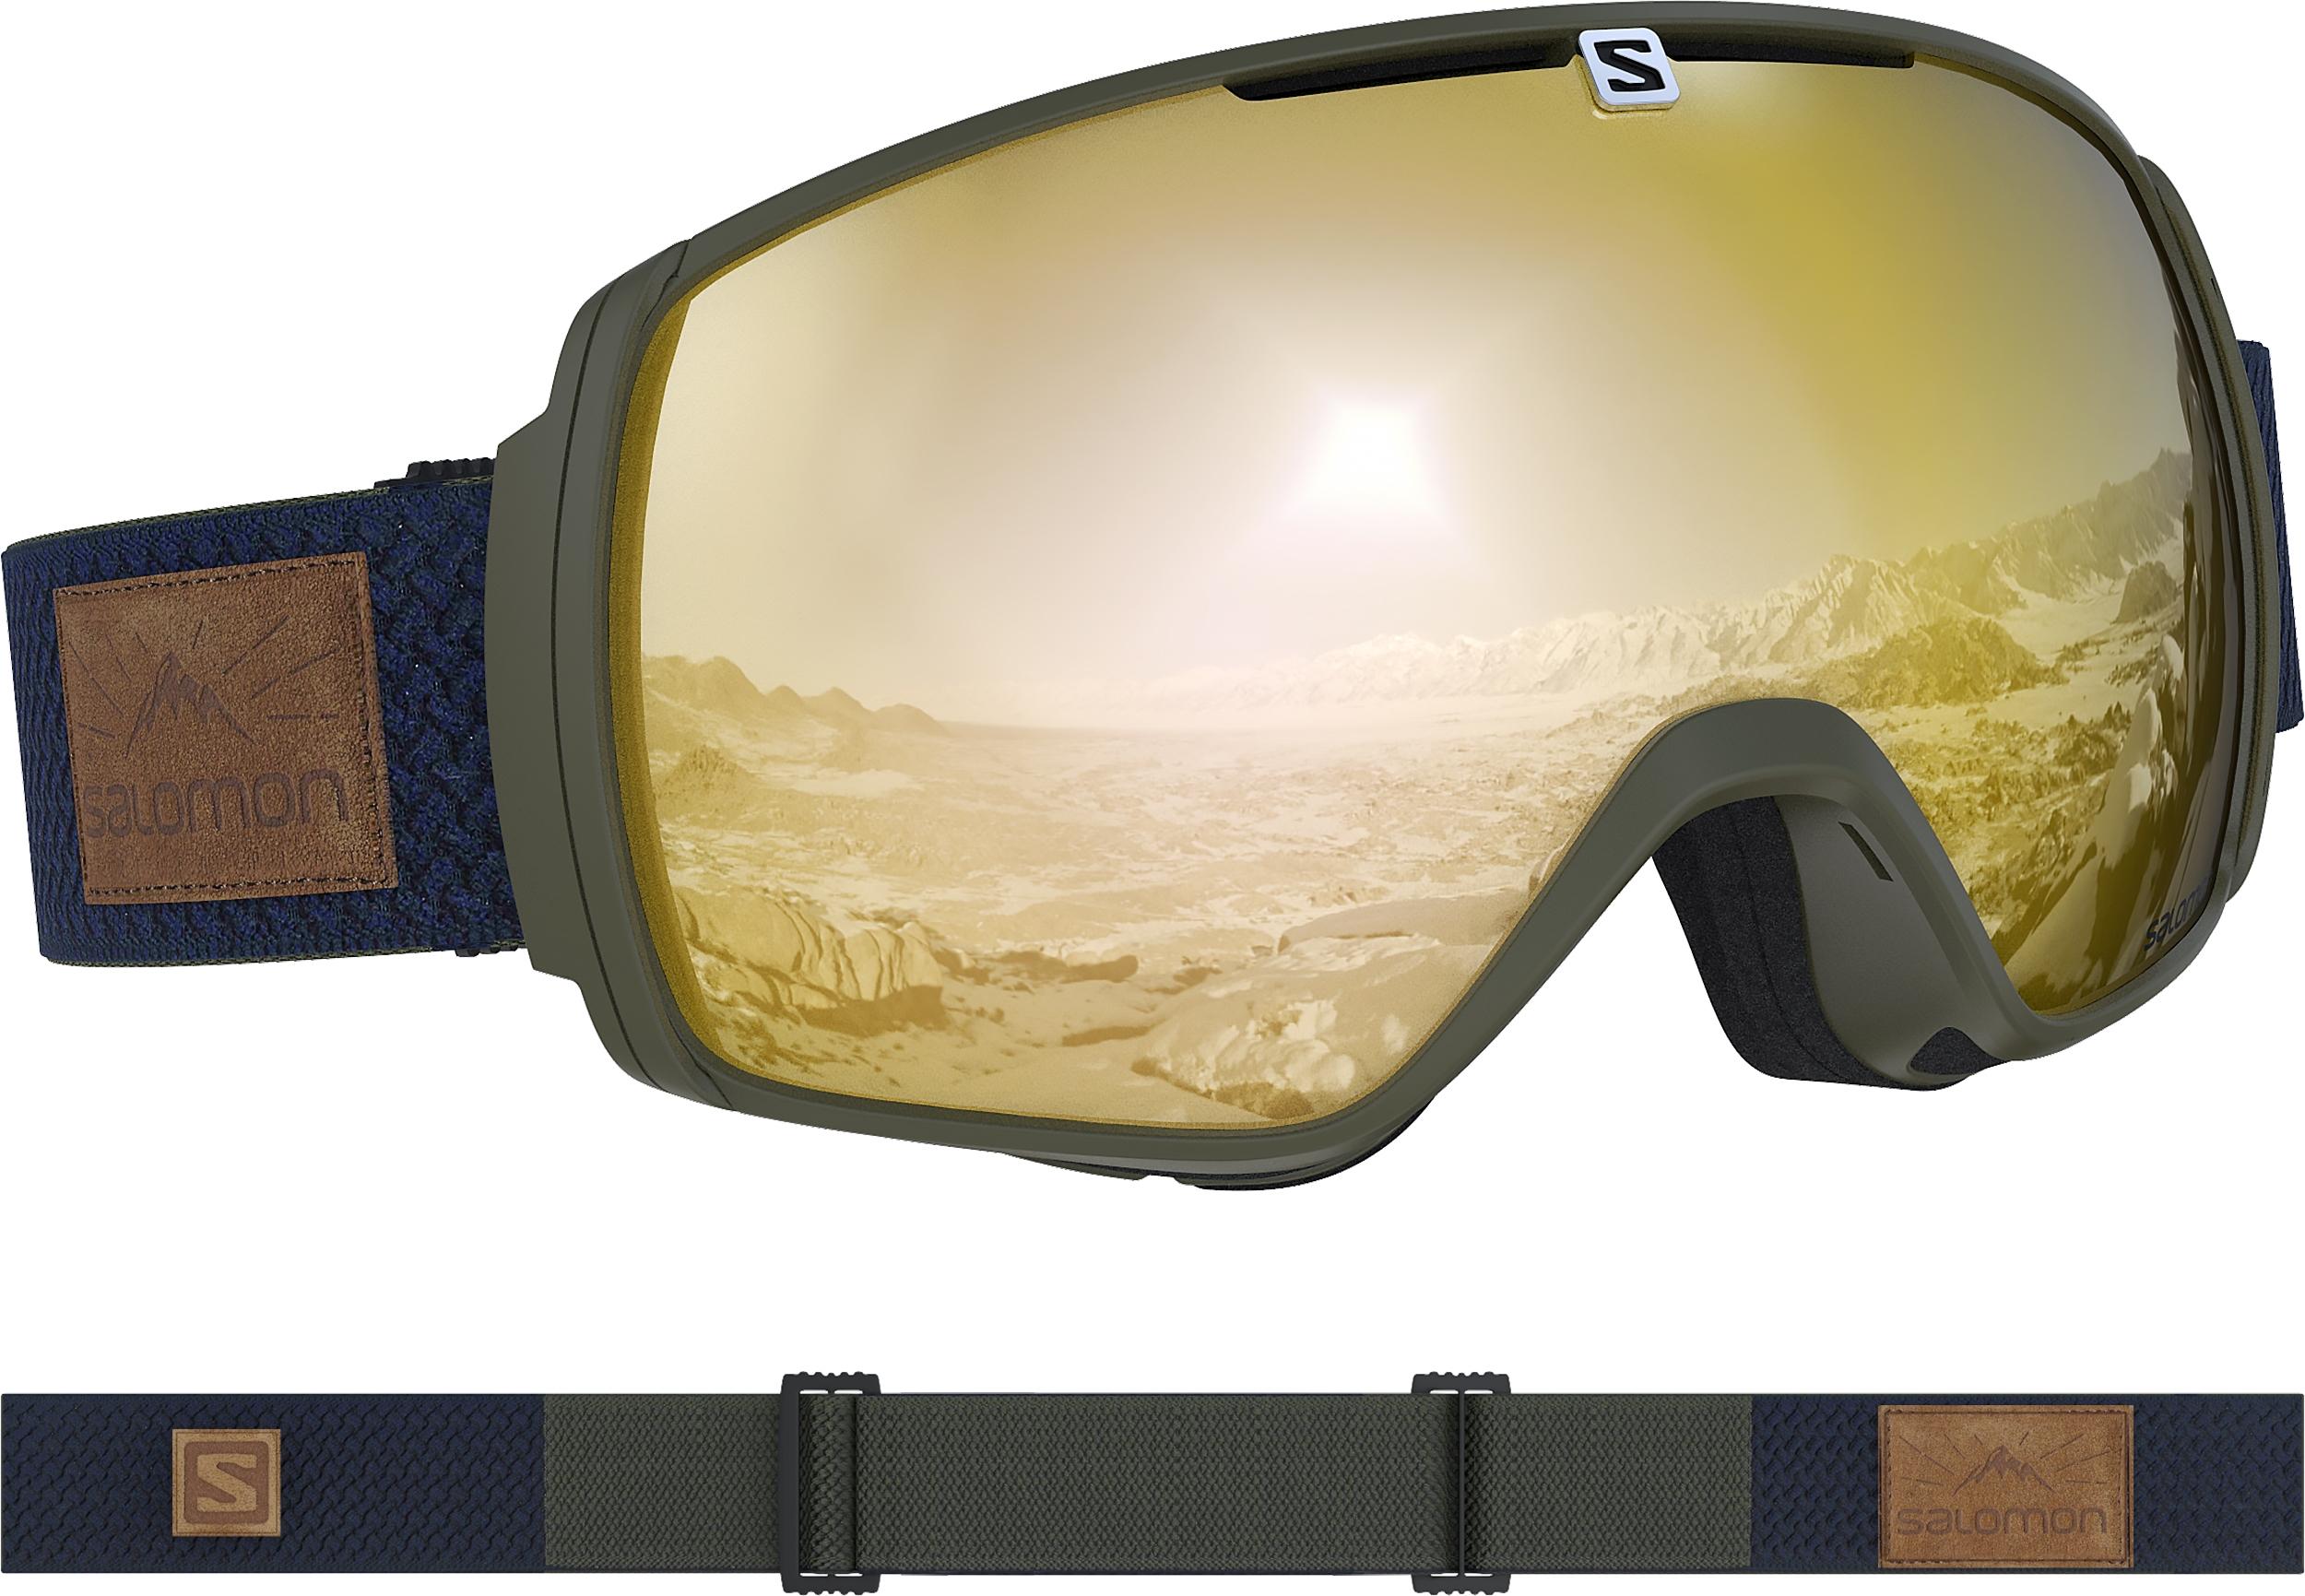 Masque De Ski Salomon Xt One Olive Night   Sol Bronze Otg - PRECISION SKI 6c15266d6c5e